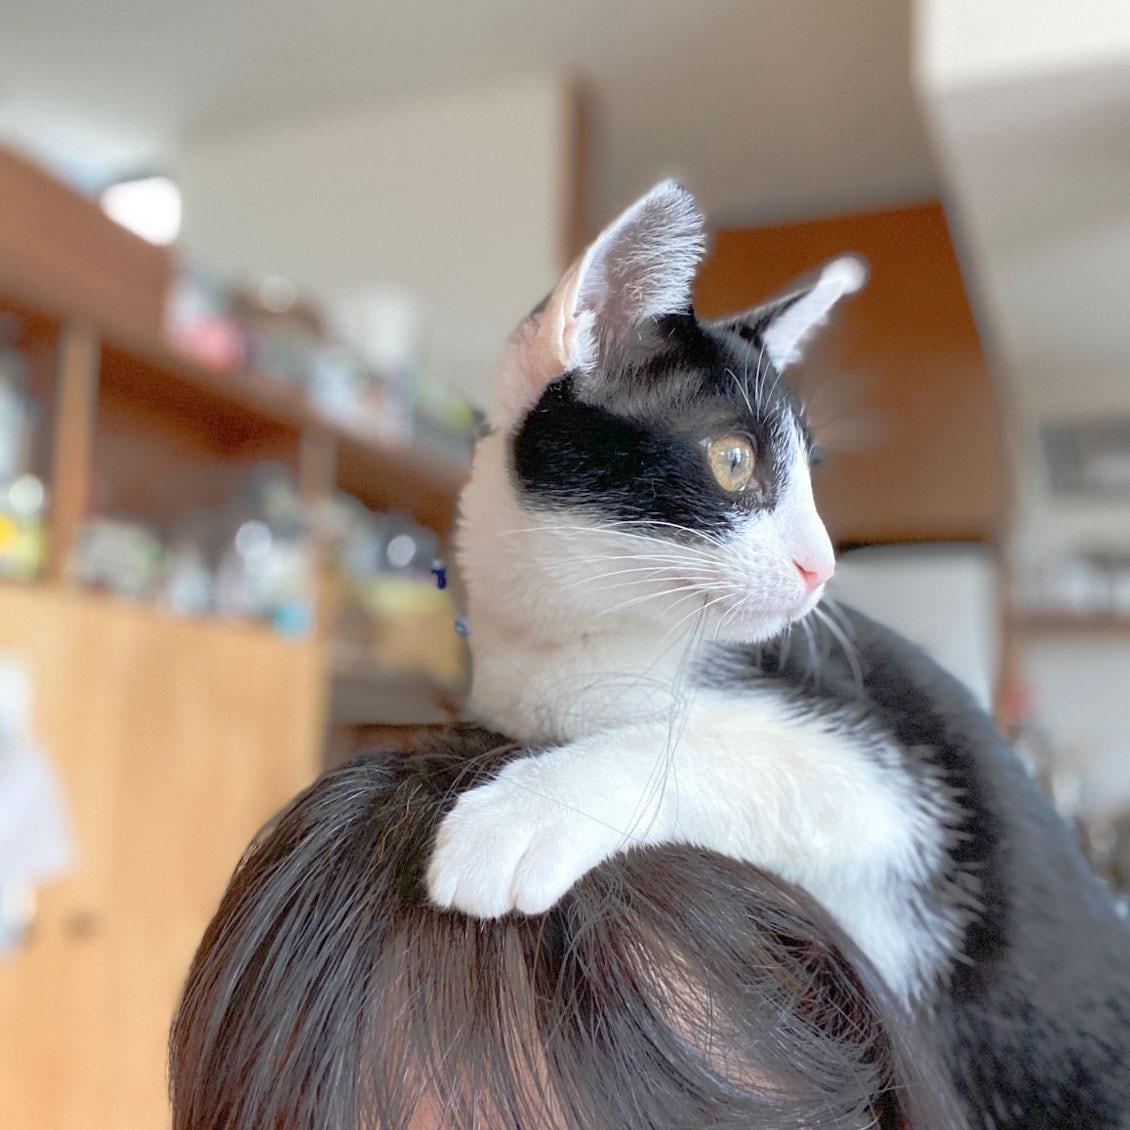 【うちのイヌ、うちのネコ】飼い始めて半年で、みんなの中心的存在に。料理家・瀬戸口しおりさんと愛猫・セリの暮らし